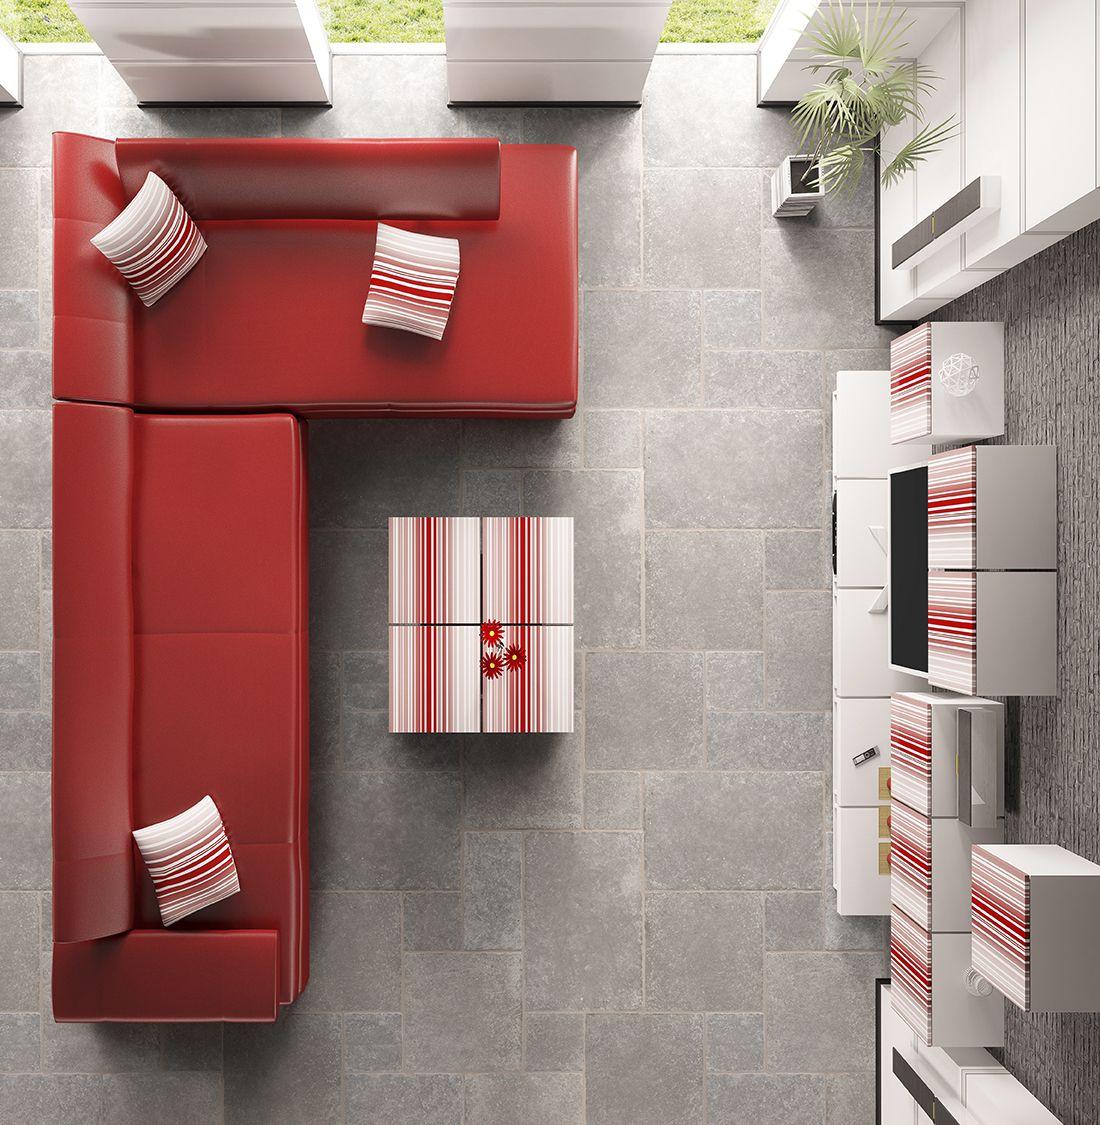 calcaire avallon gris cupa stone pierre naturelle de couleur grise avec des taches noires. Black Bedroom Furniture Sets. Home Design Ideas